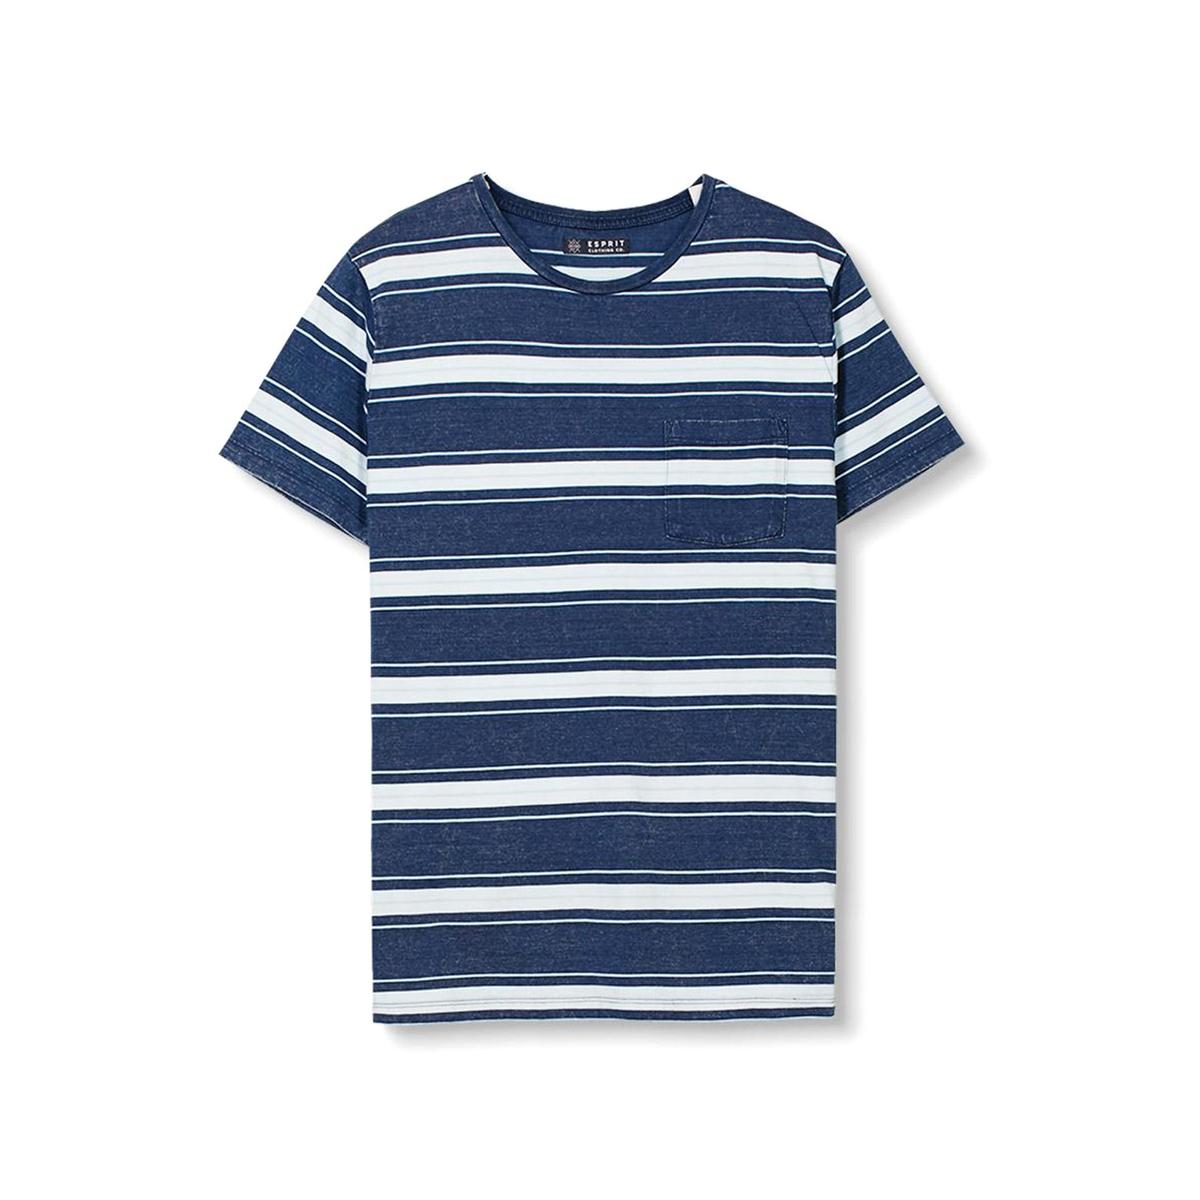 Футболка в полоску с круглым вырезом футболка esprit esprit es393ebrhk54